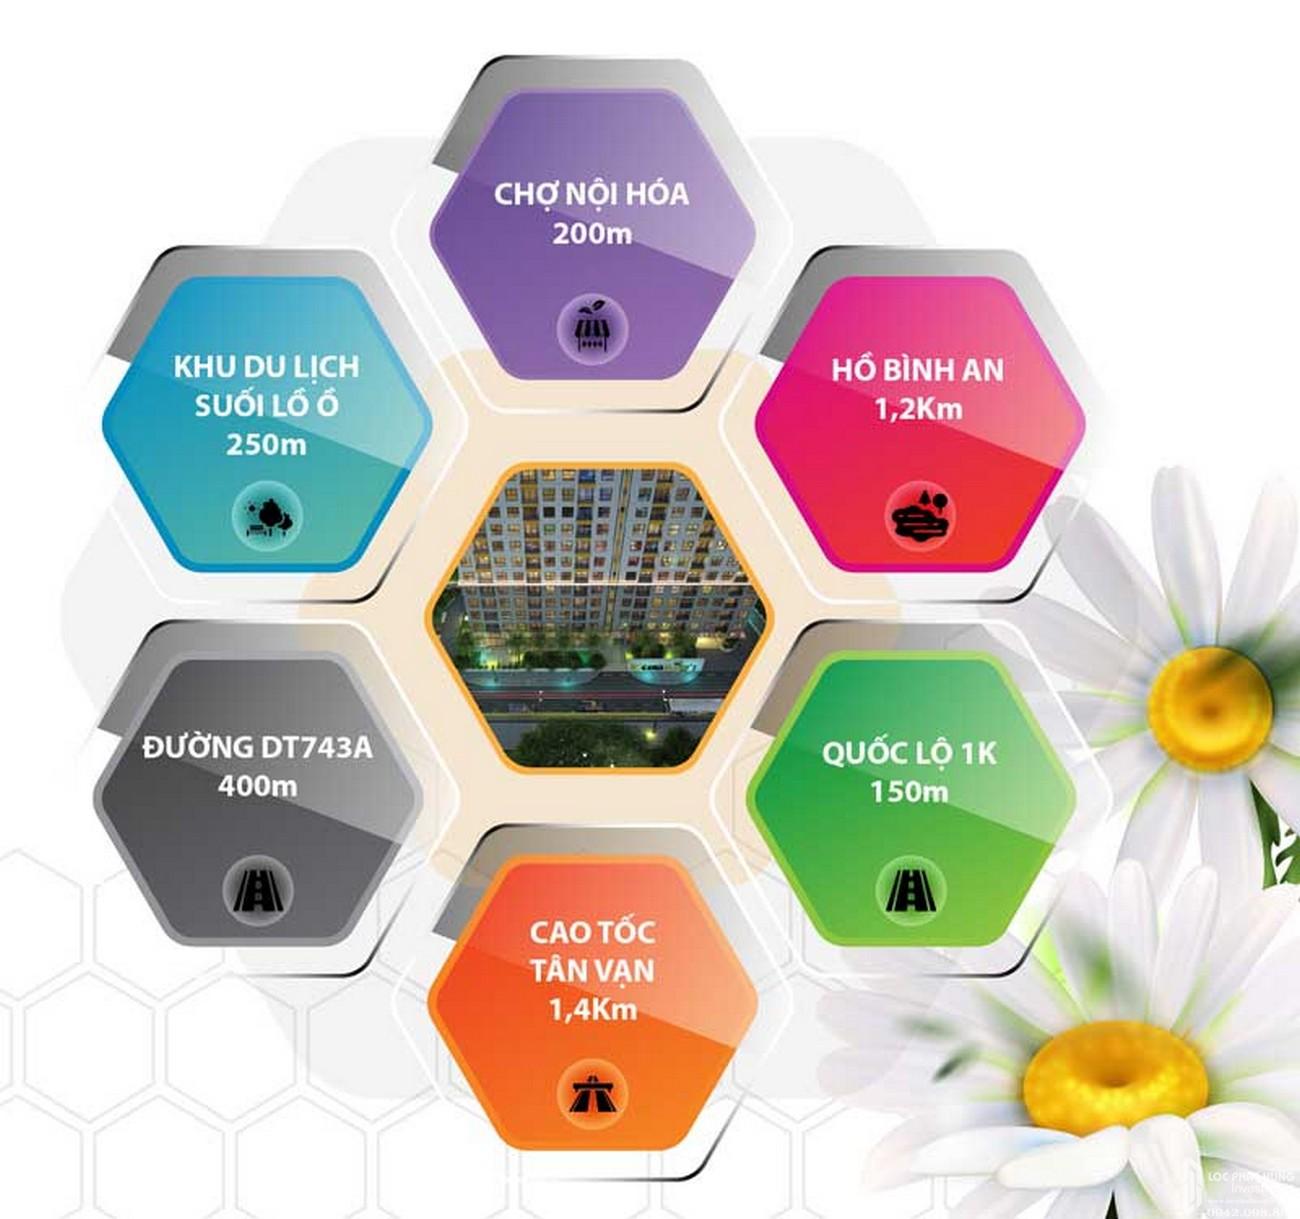 Liên kết vùng dự án căn hộ chung cư Bcons Bee Dĩ An Đường Trần Đại Nghĩa chủ đầu tư Bcons